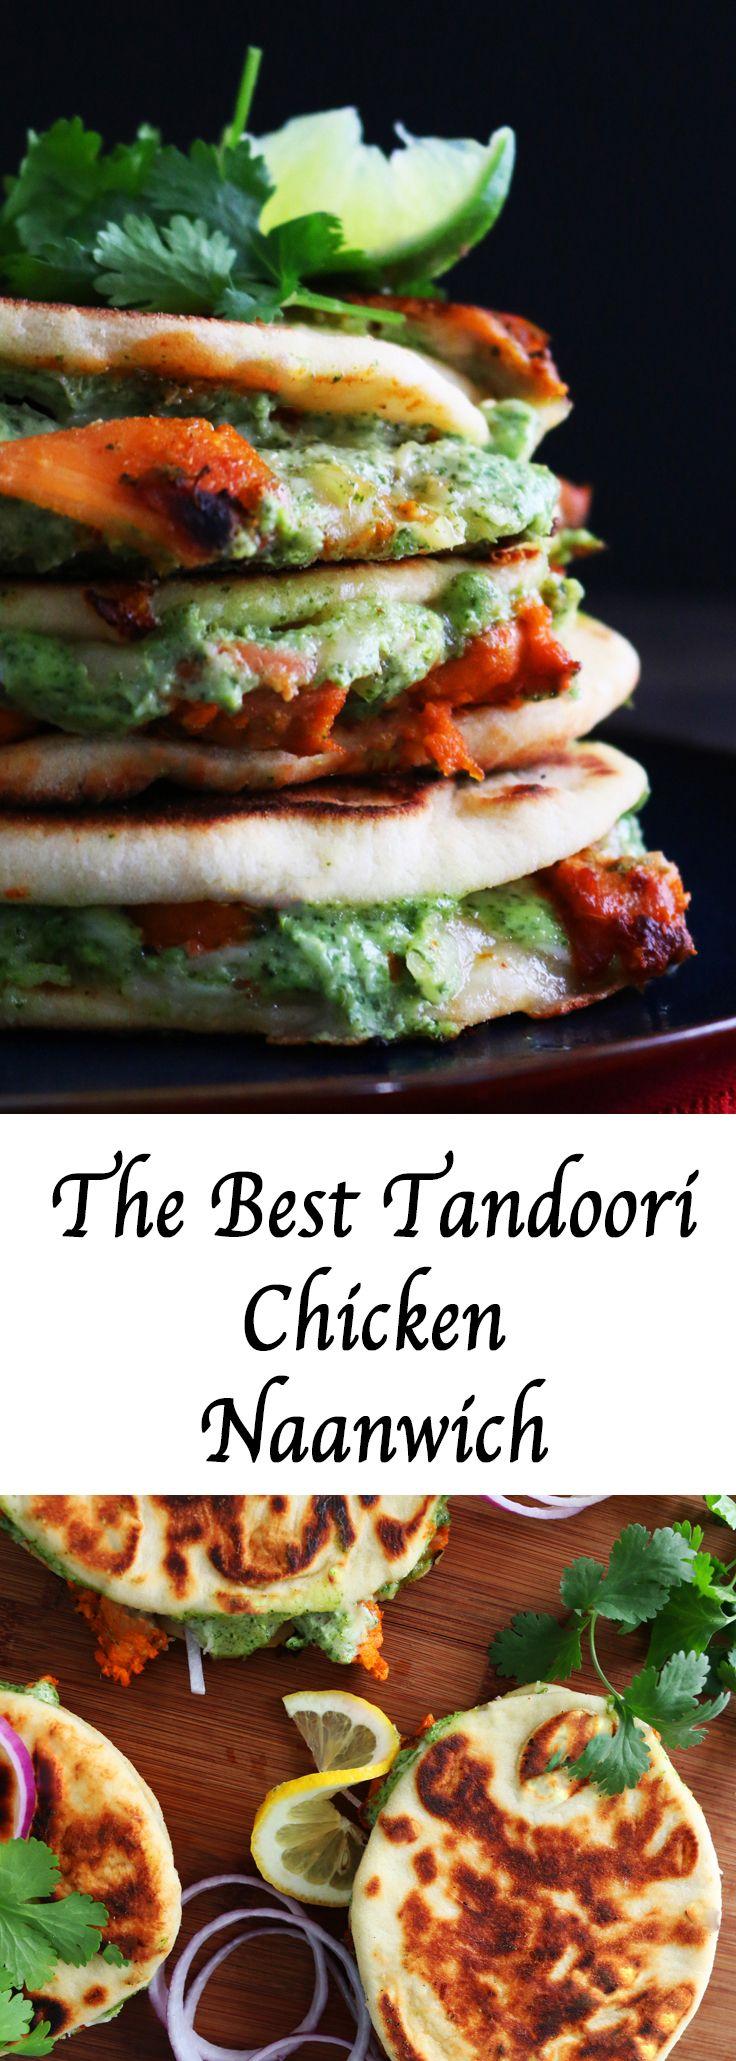 spicy chicken sandwich | Indian chicken sandwich | naan sandwich | tandoori chicken pizza | baked tandoori chicken | oven tandoori chicken | tandoori chicken sandwich |